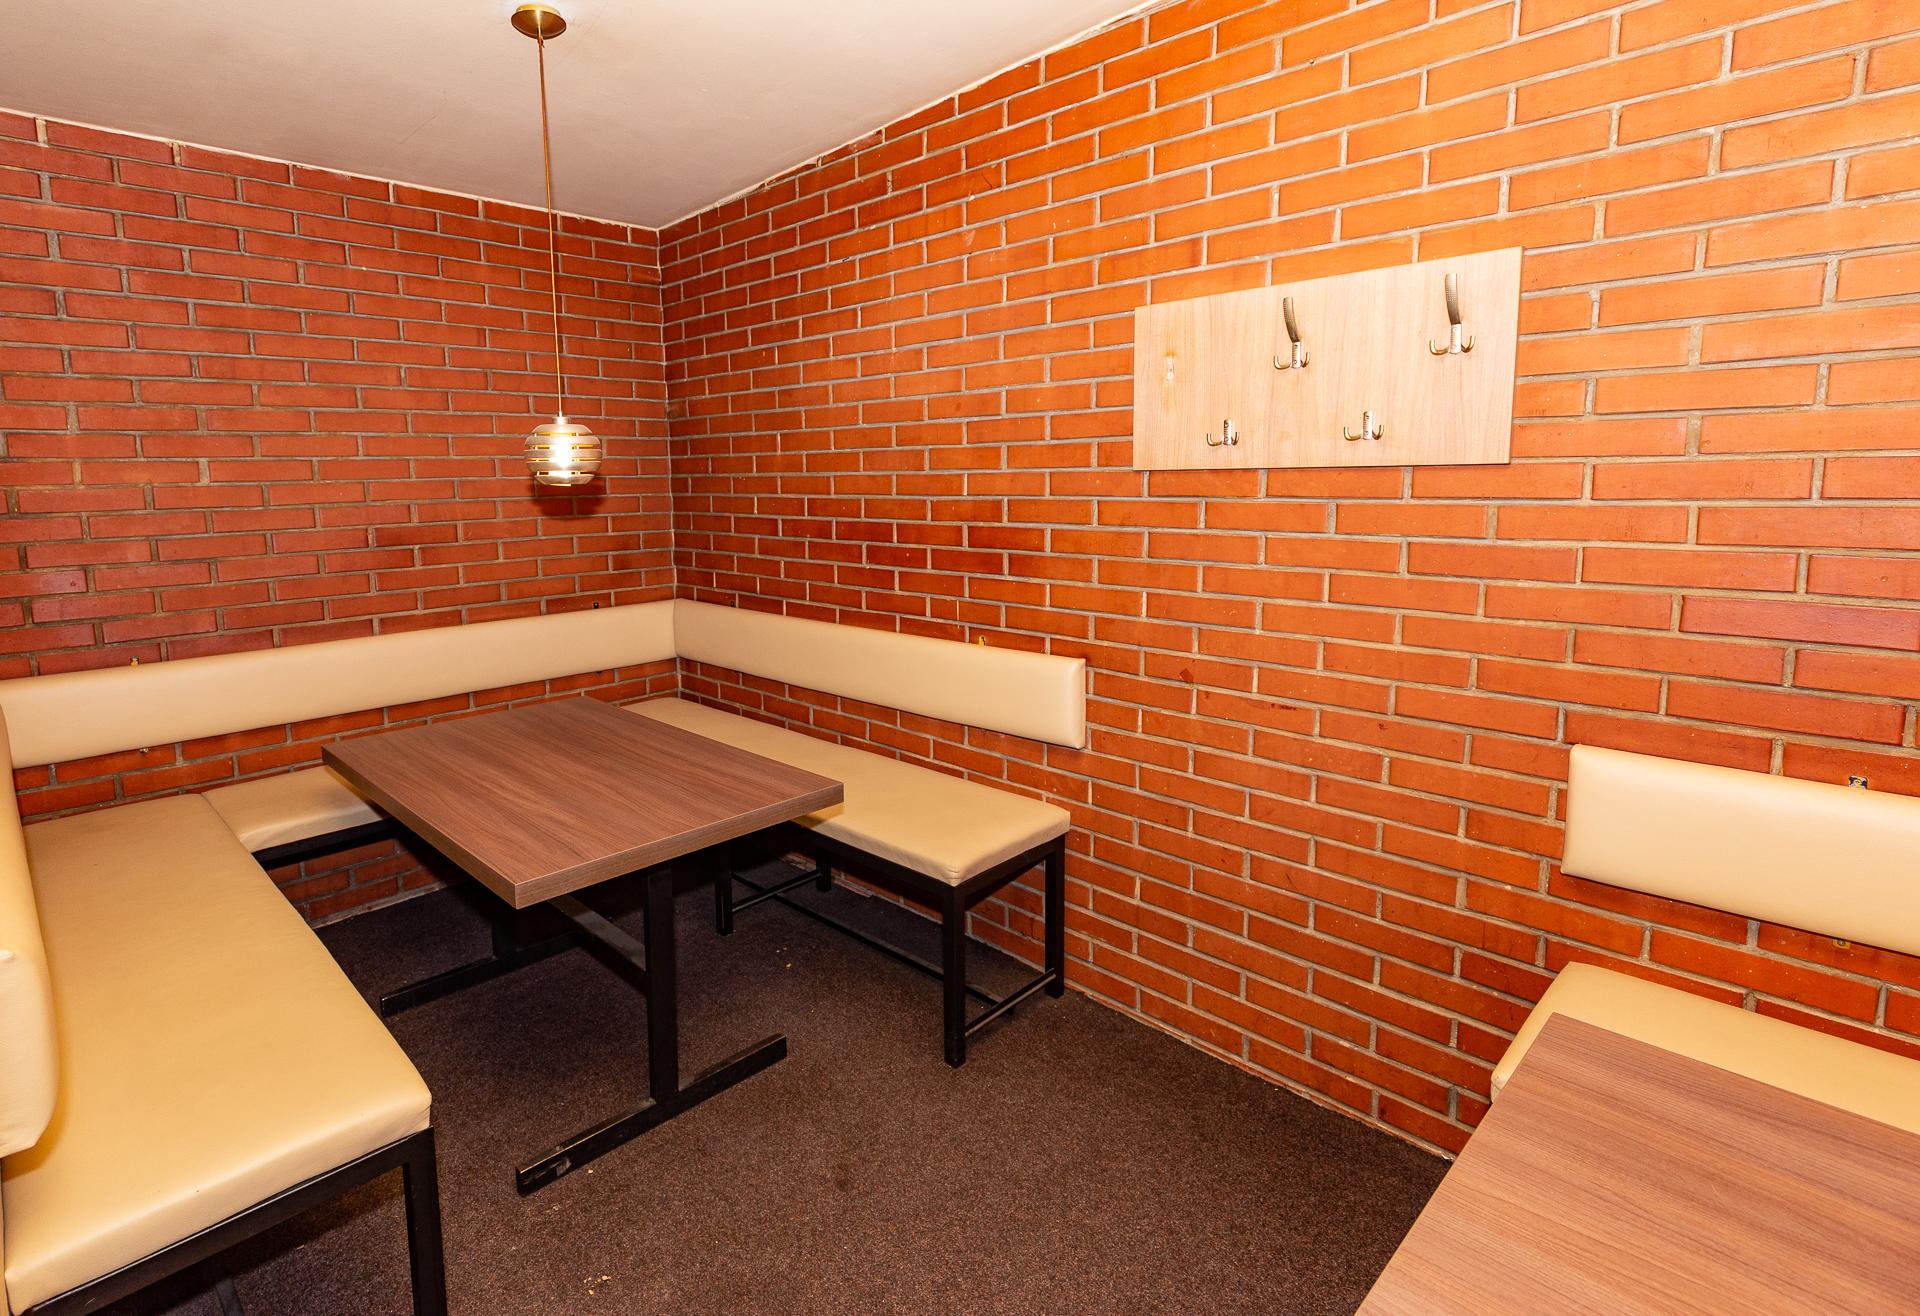 salonek pro sezení komerčního prostoru Jana Palacha v Pardubicích